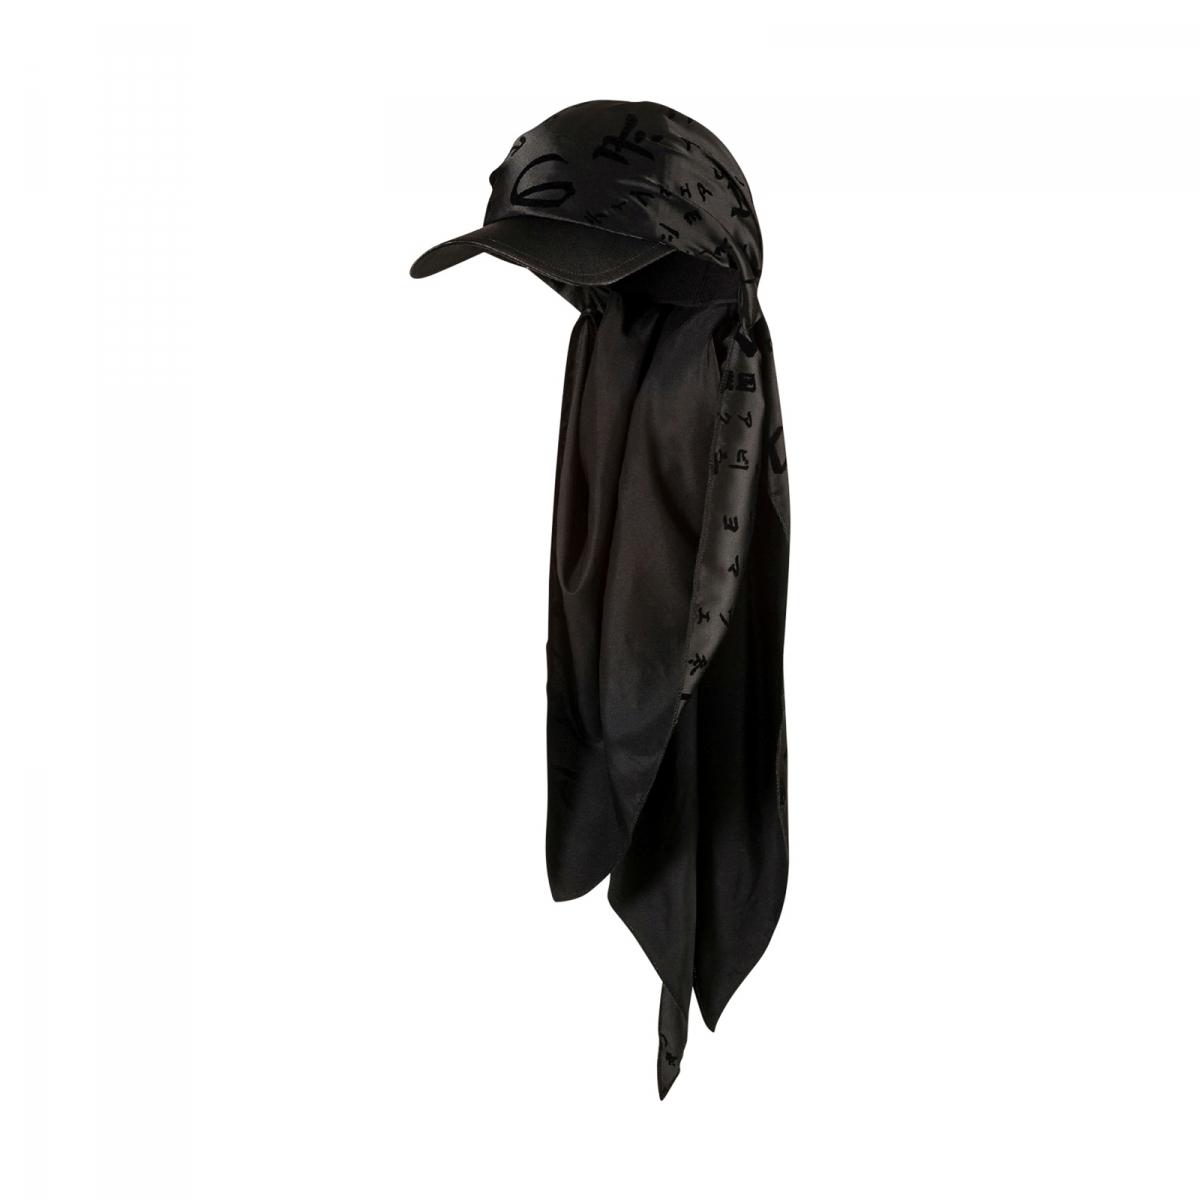 PUMA X Rihanna  fenty  Bandana Cap in Black - Lyst a52acacefa5